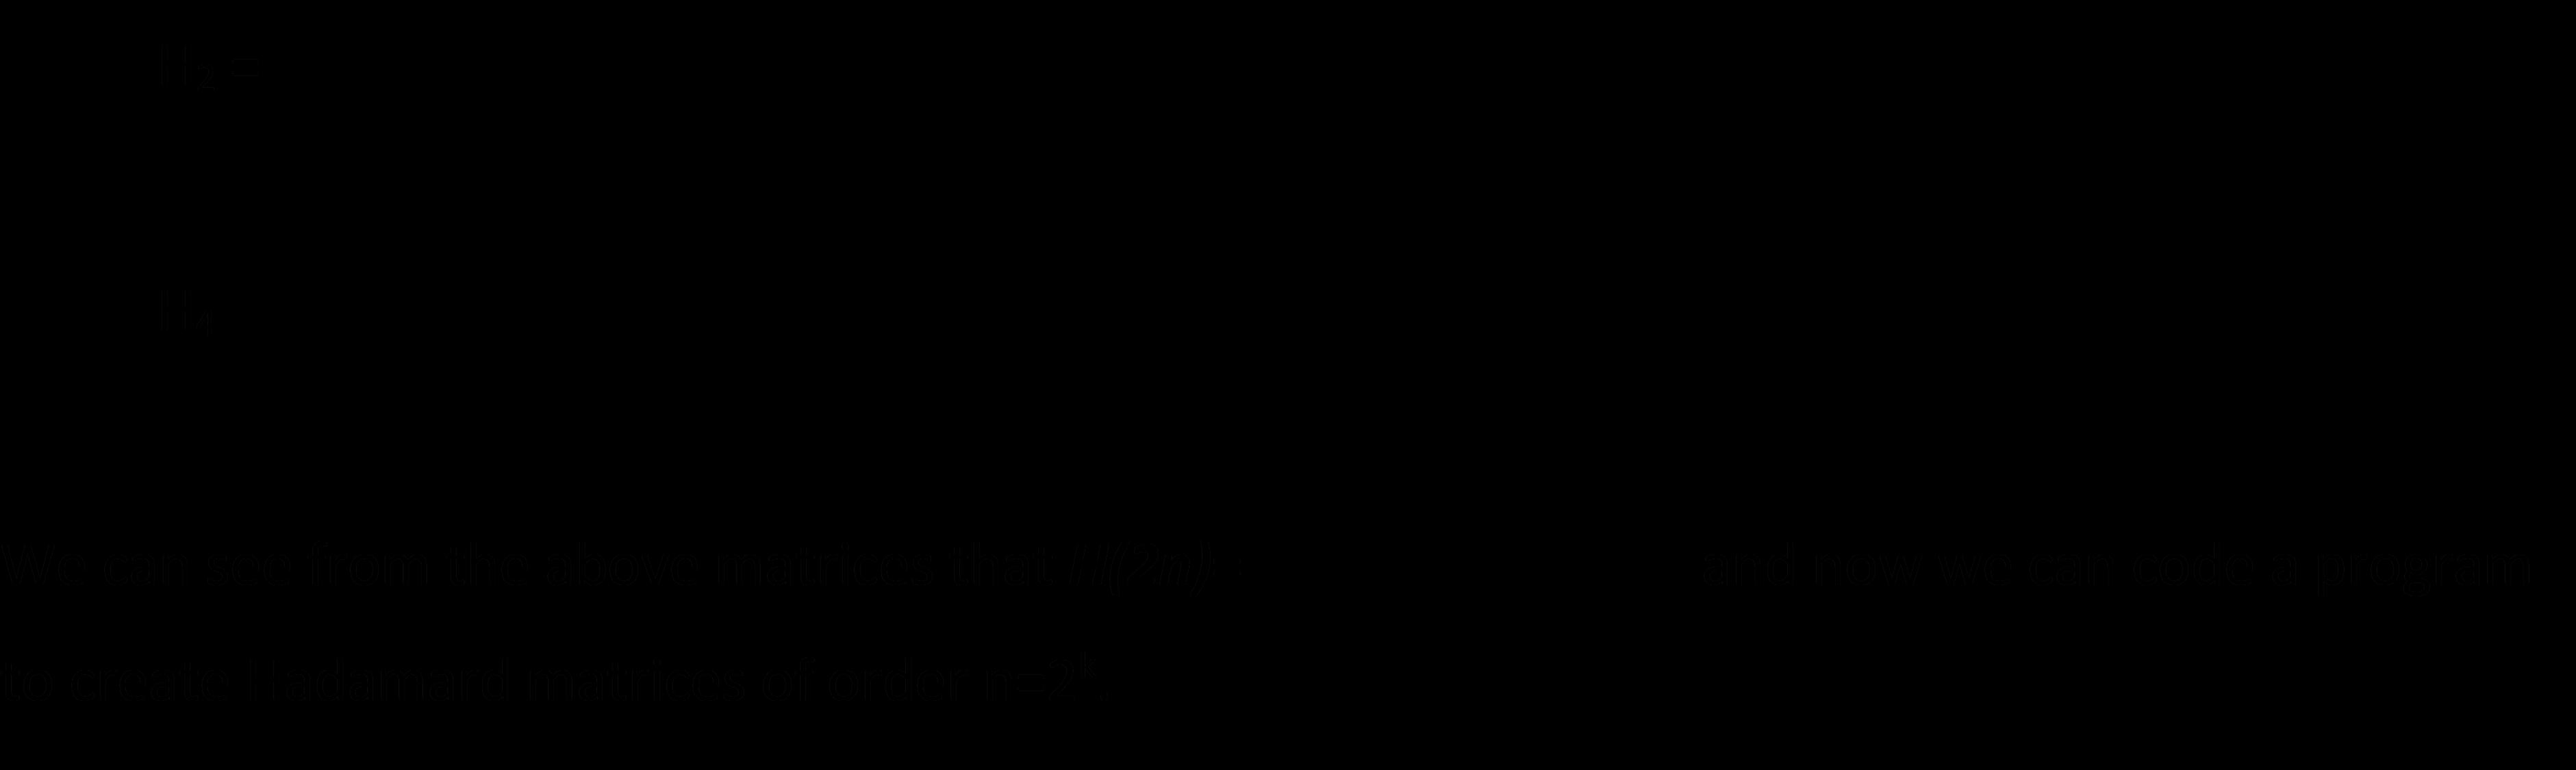 Hadamard Matrix In C++